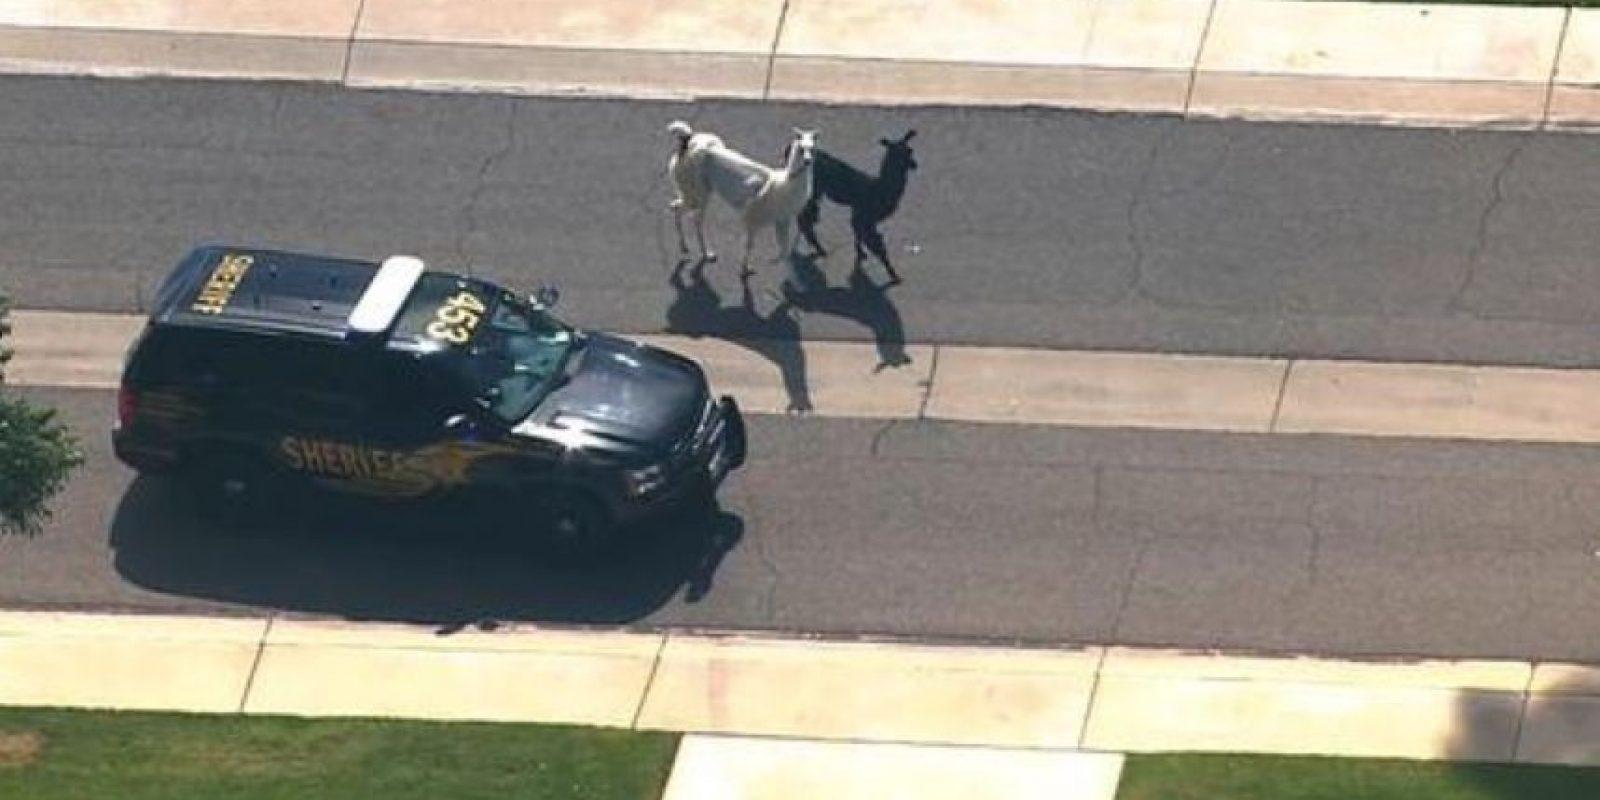 Incluso la policía estuvo al lado de los animales. Foto:Twitter